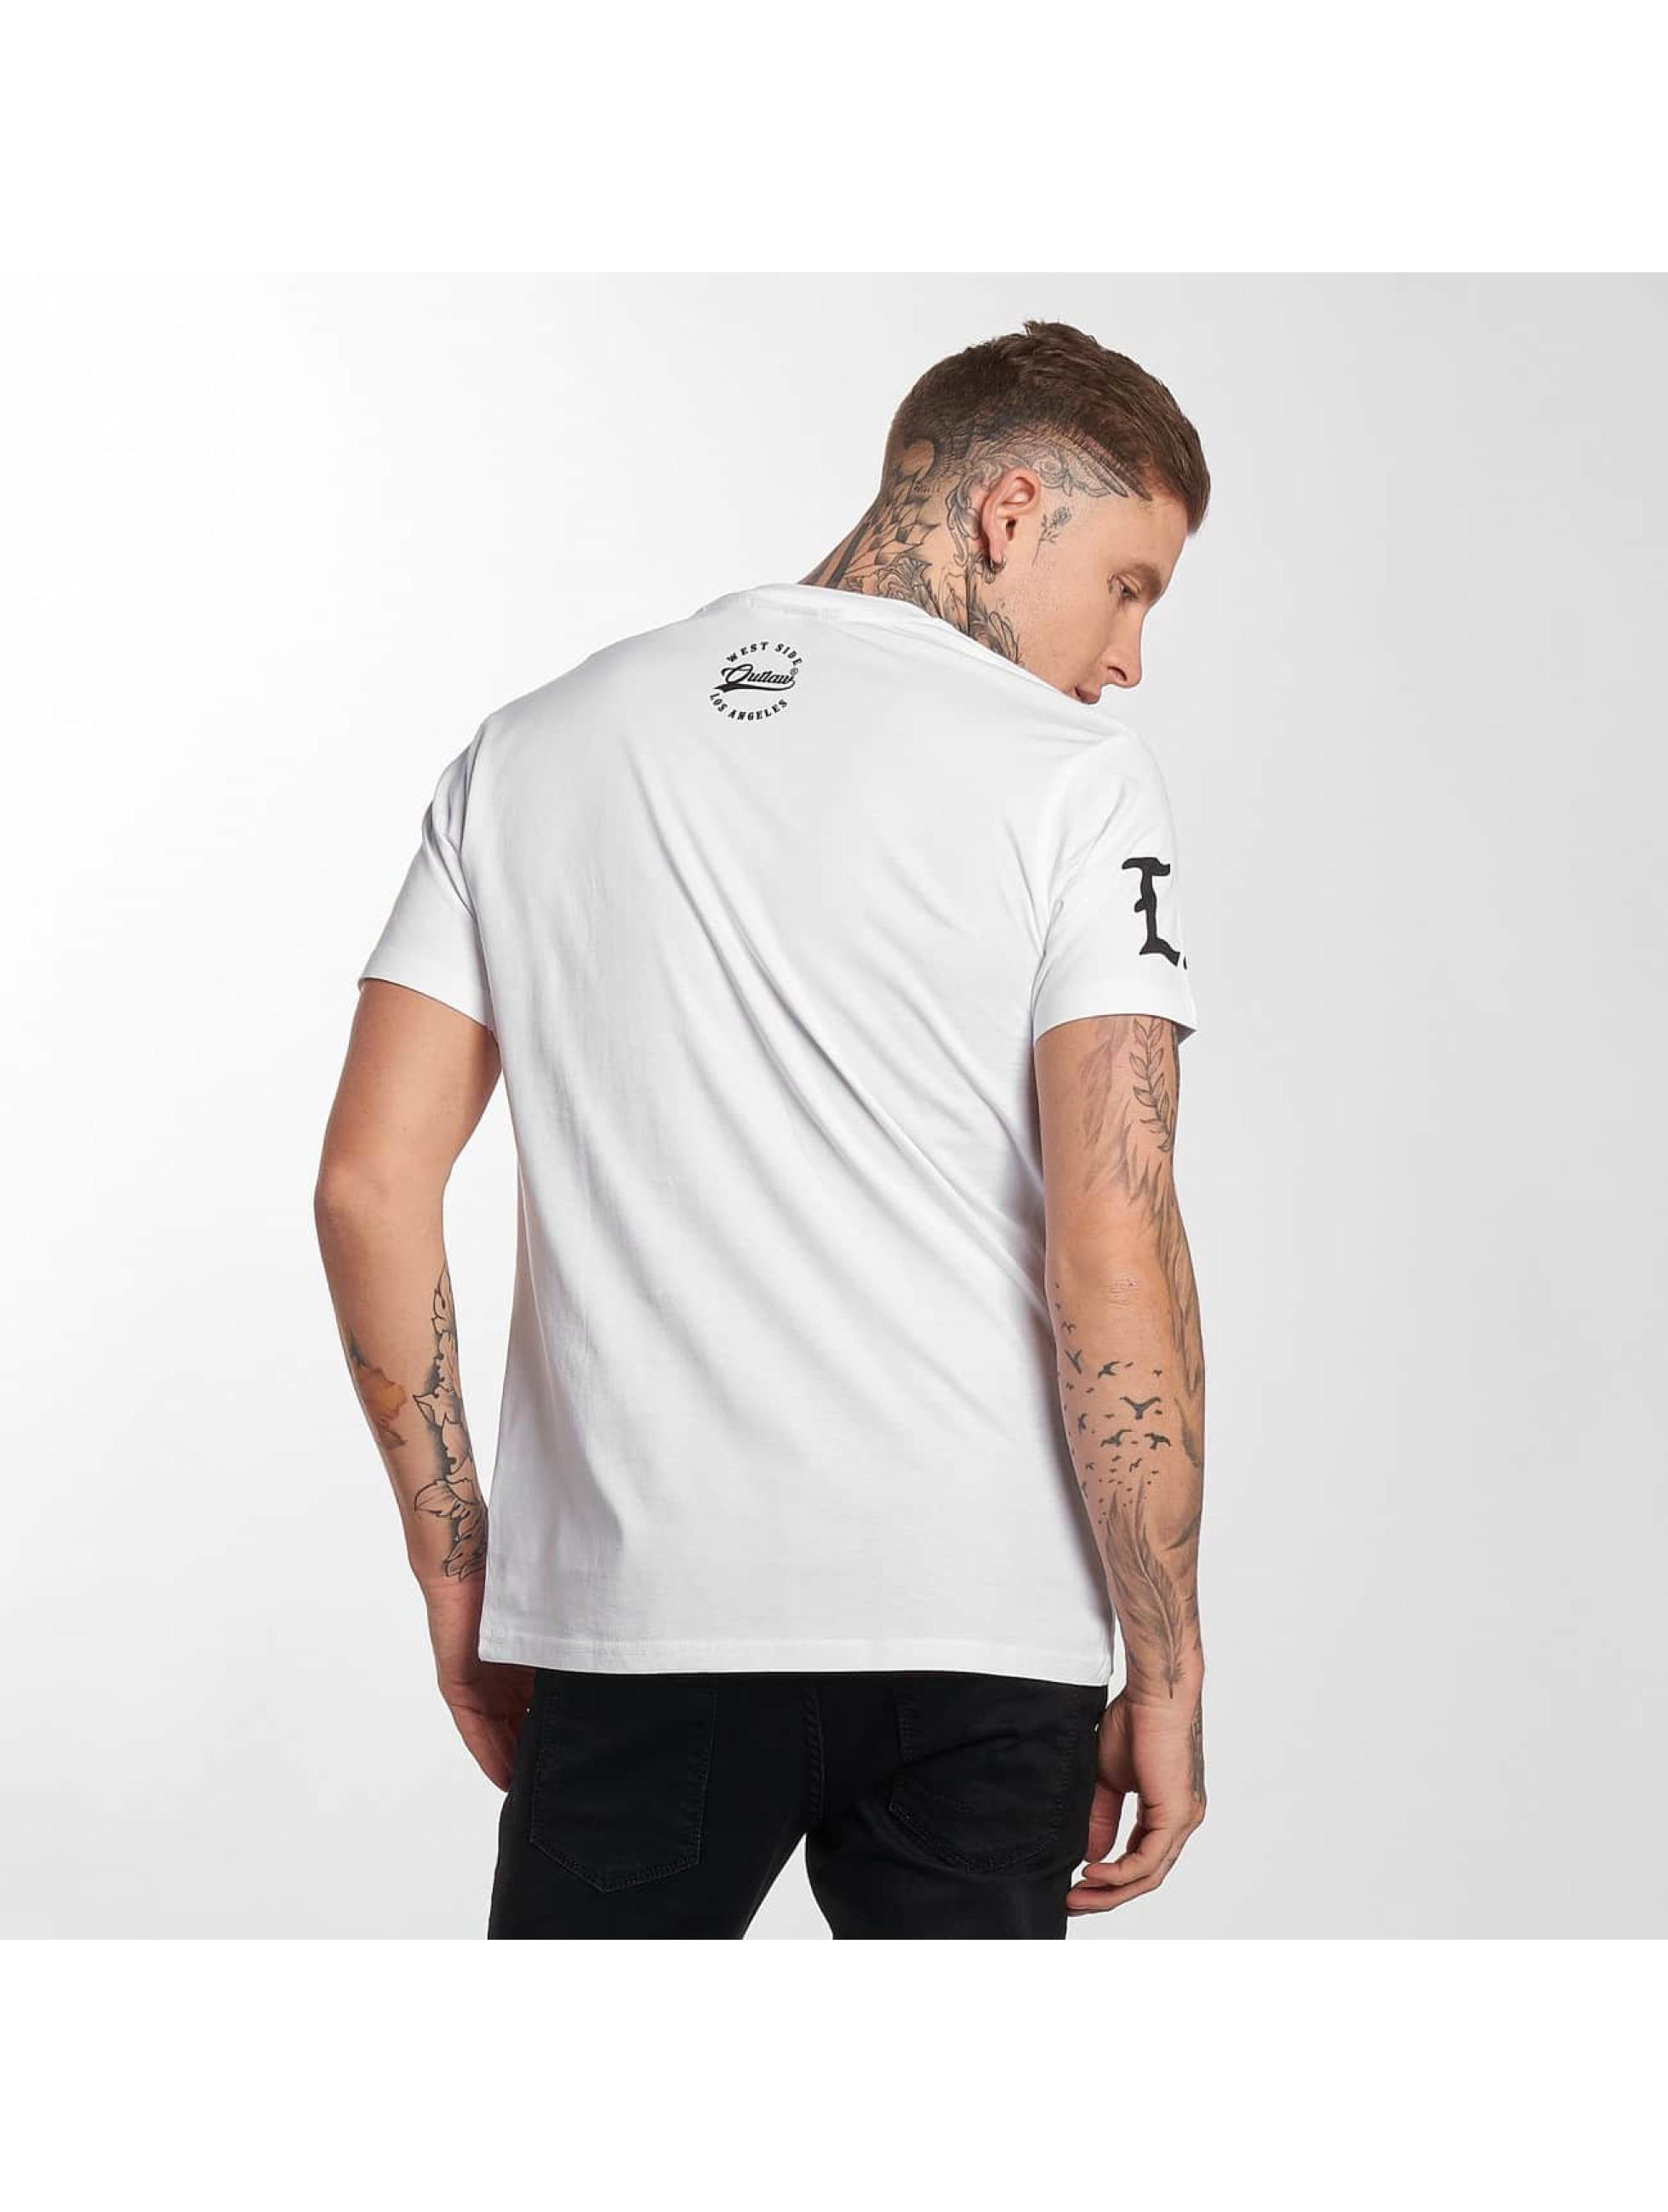 Outlaw T-Shirt Outlaw Run blanc